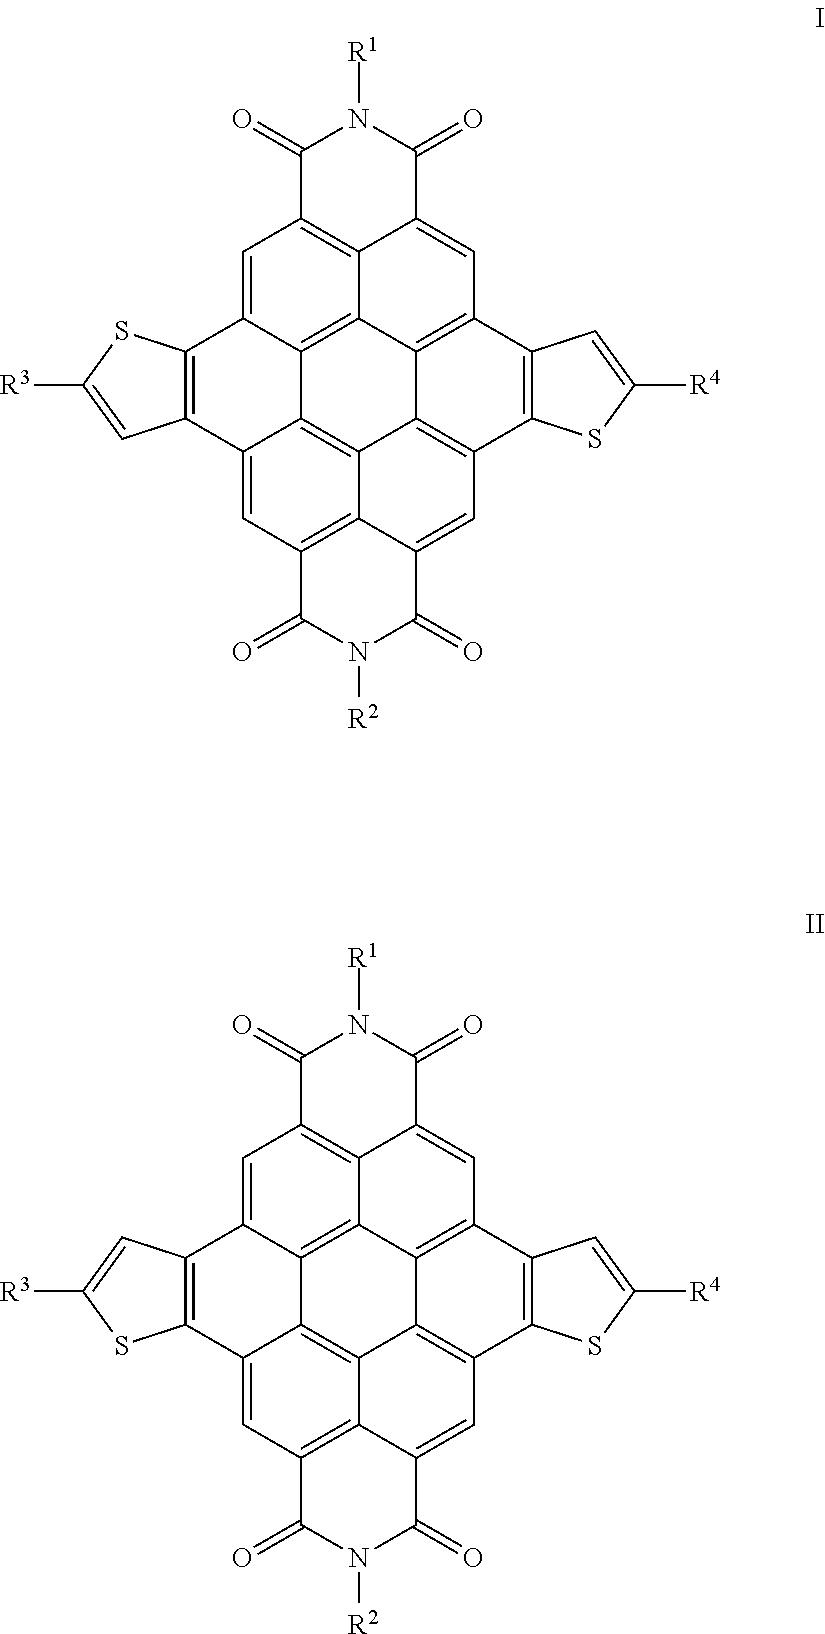 Figure US08329855-20121211-C00014